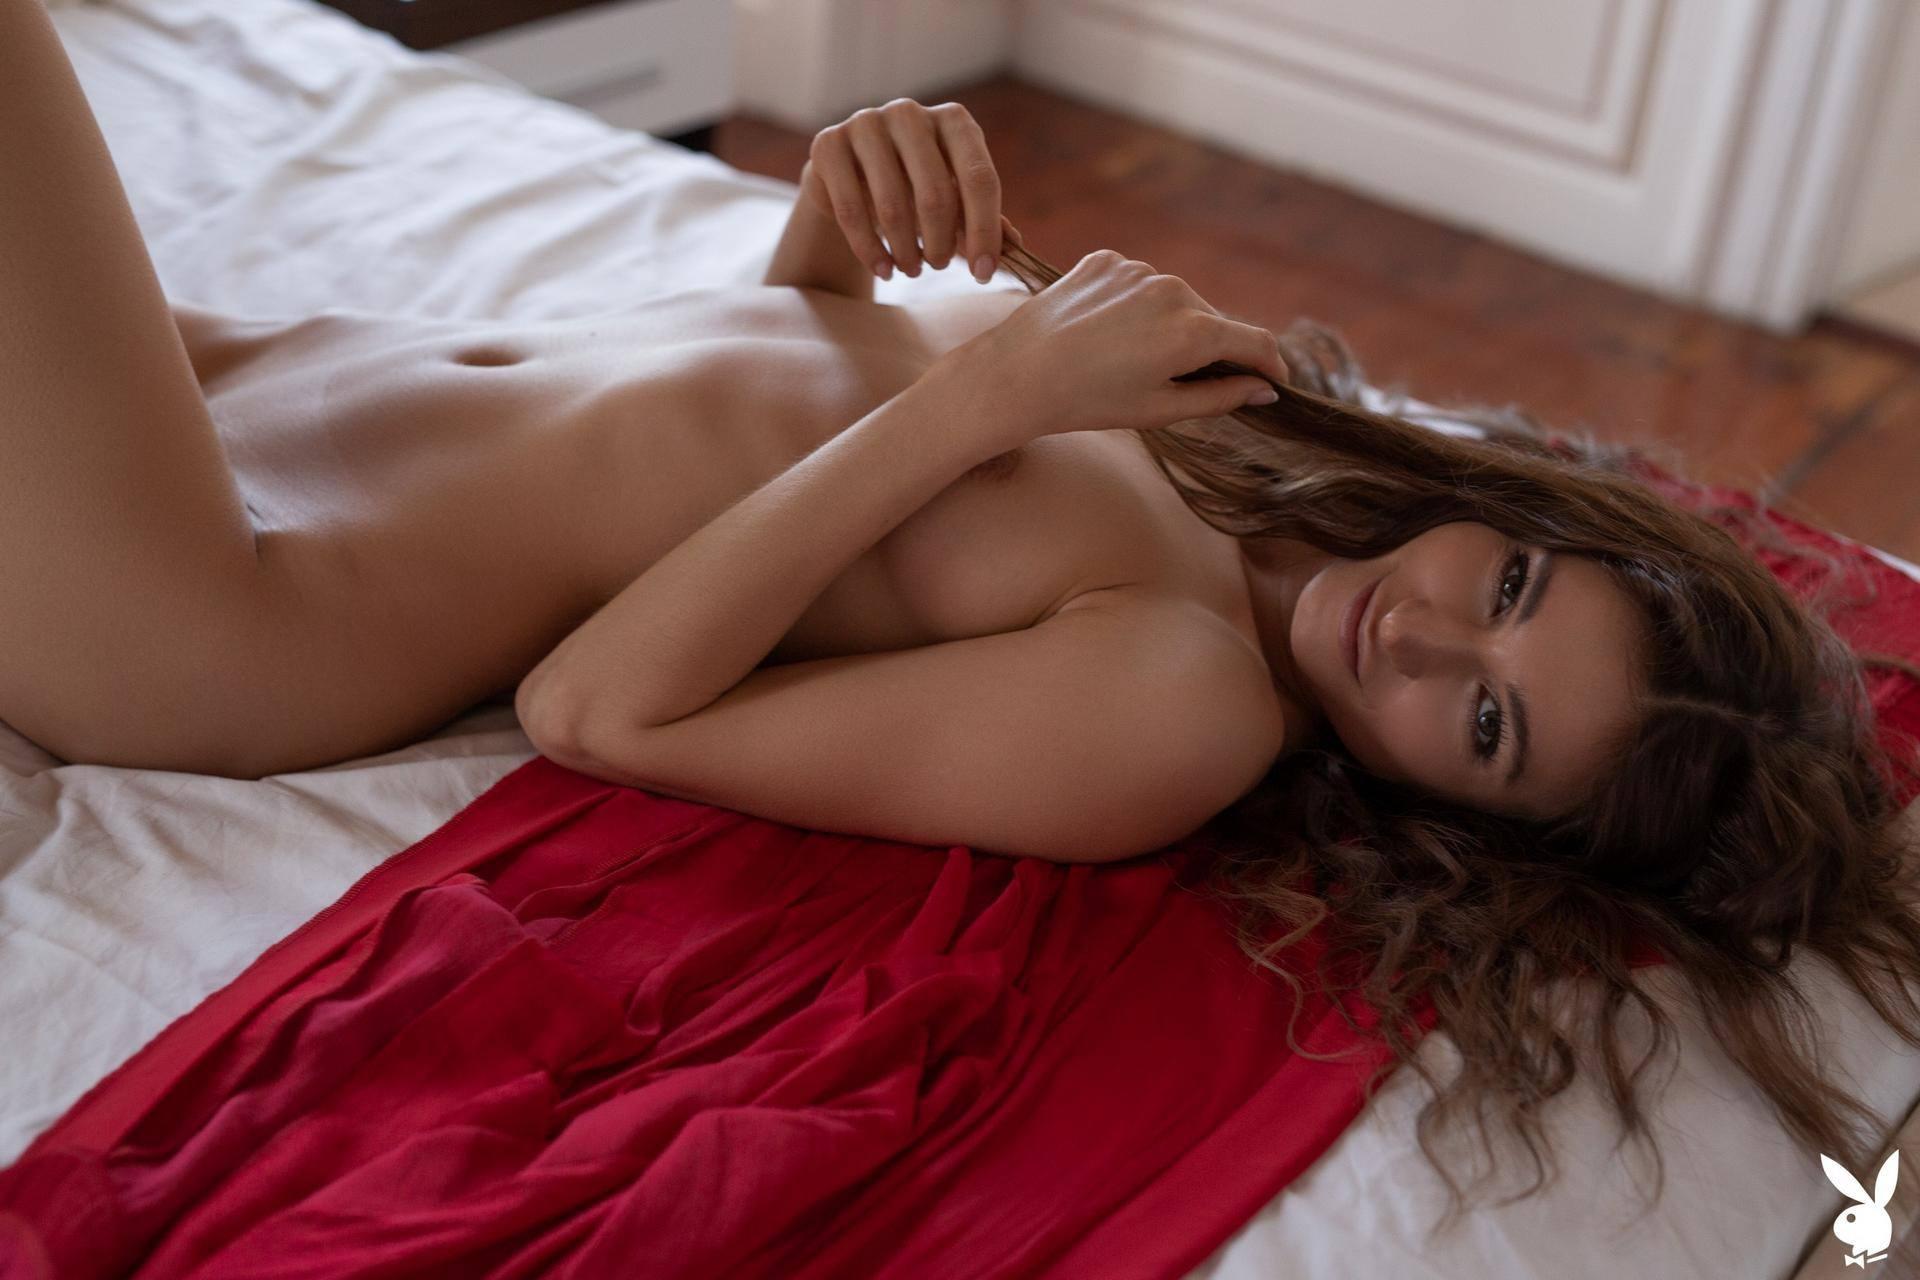 Naked Beautiful Girls